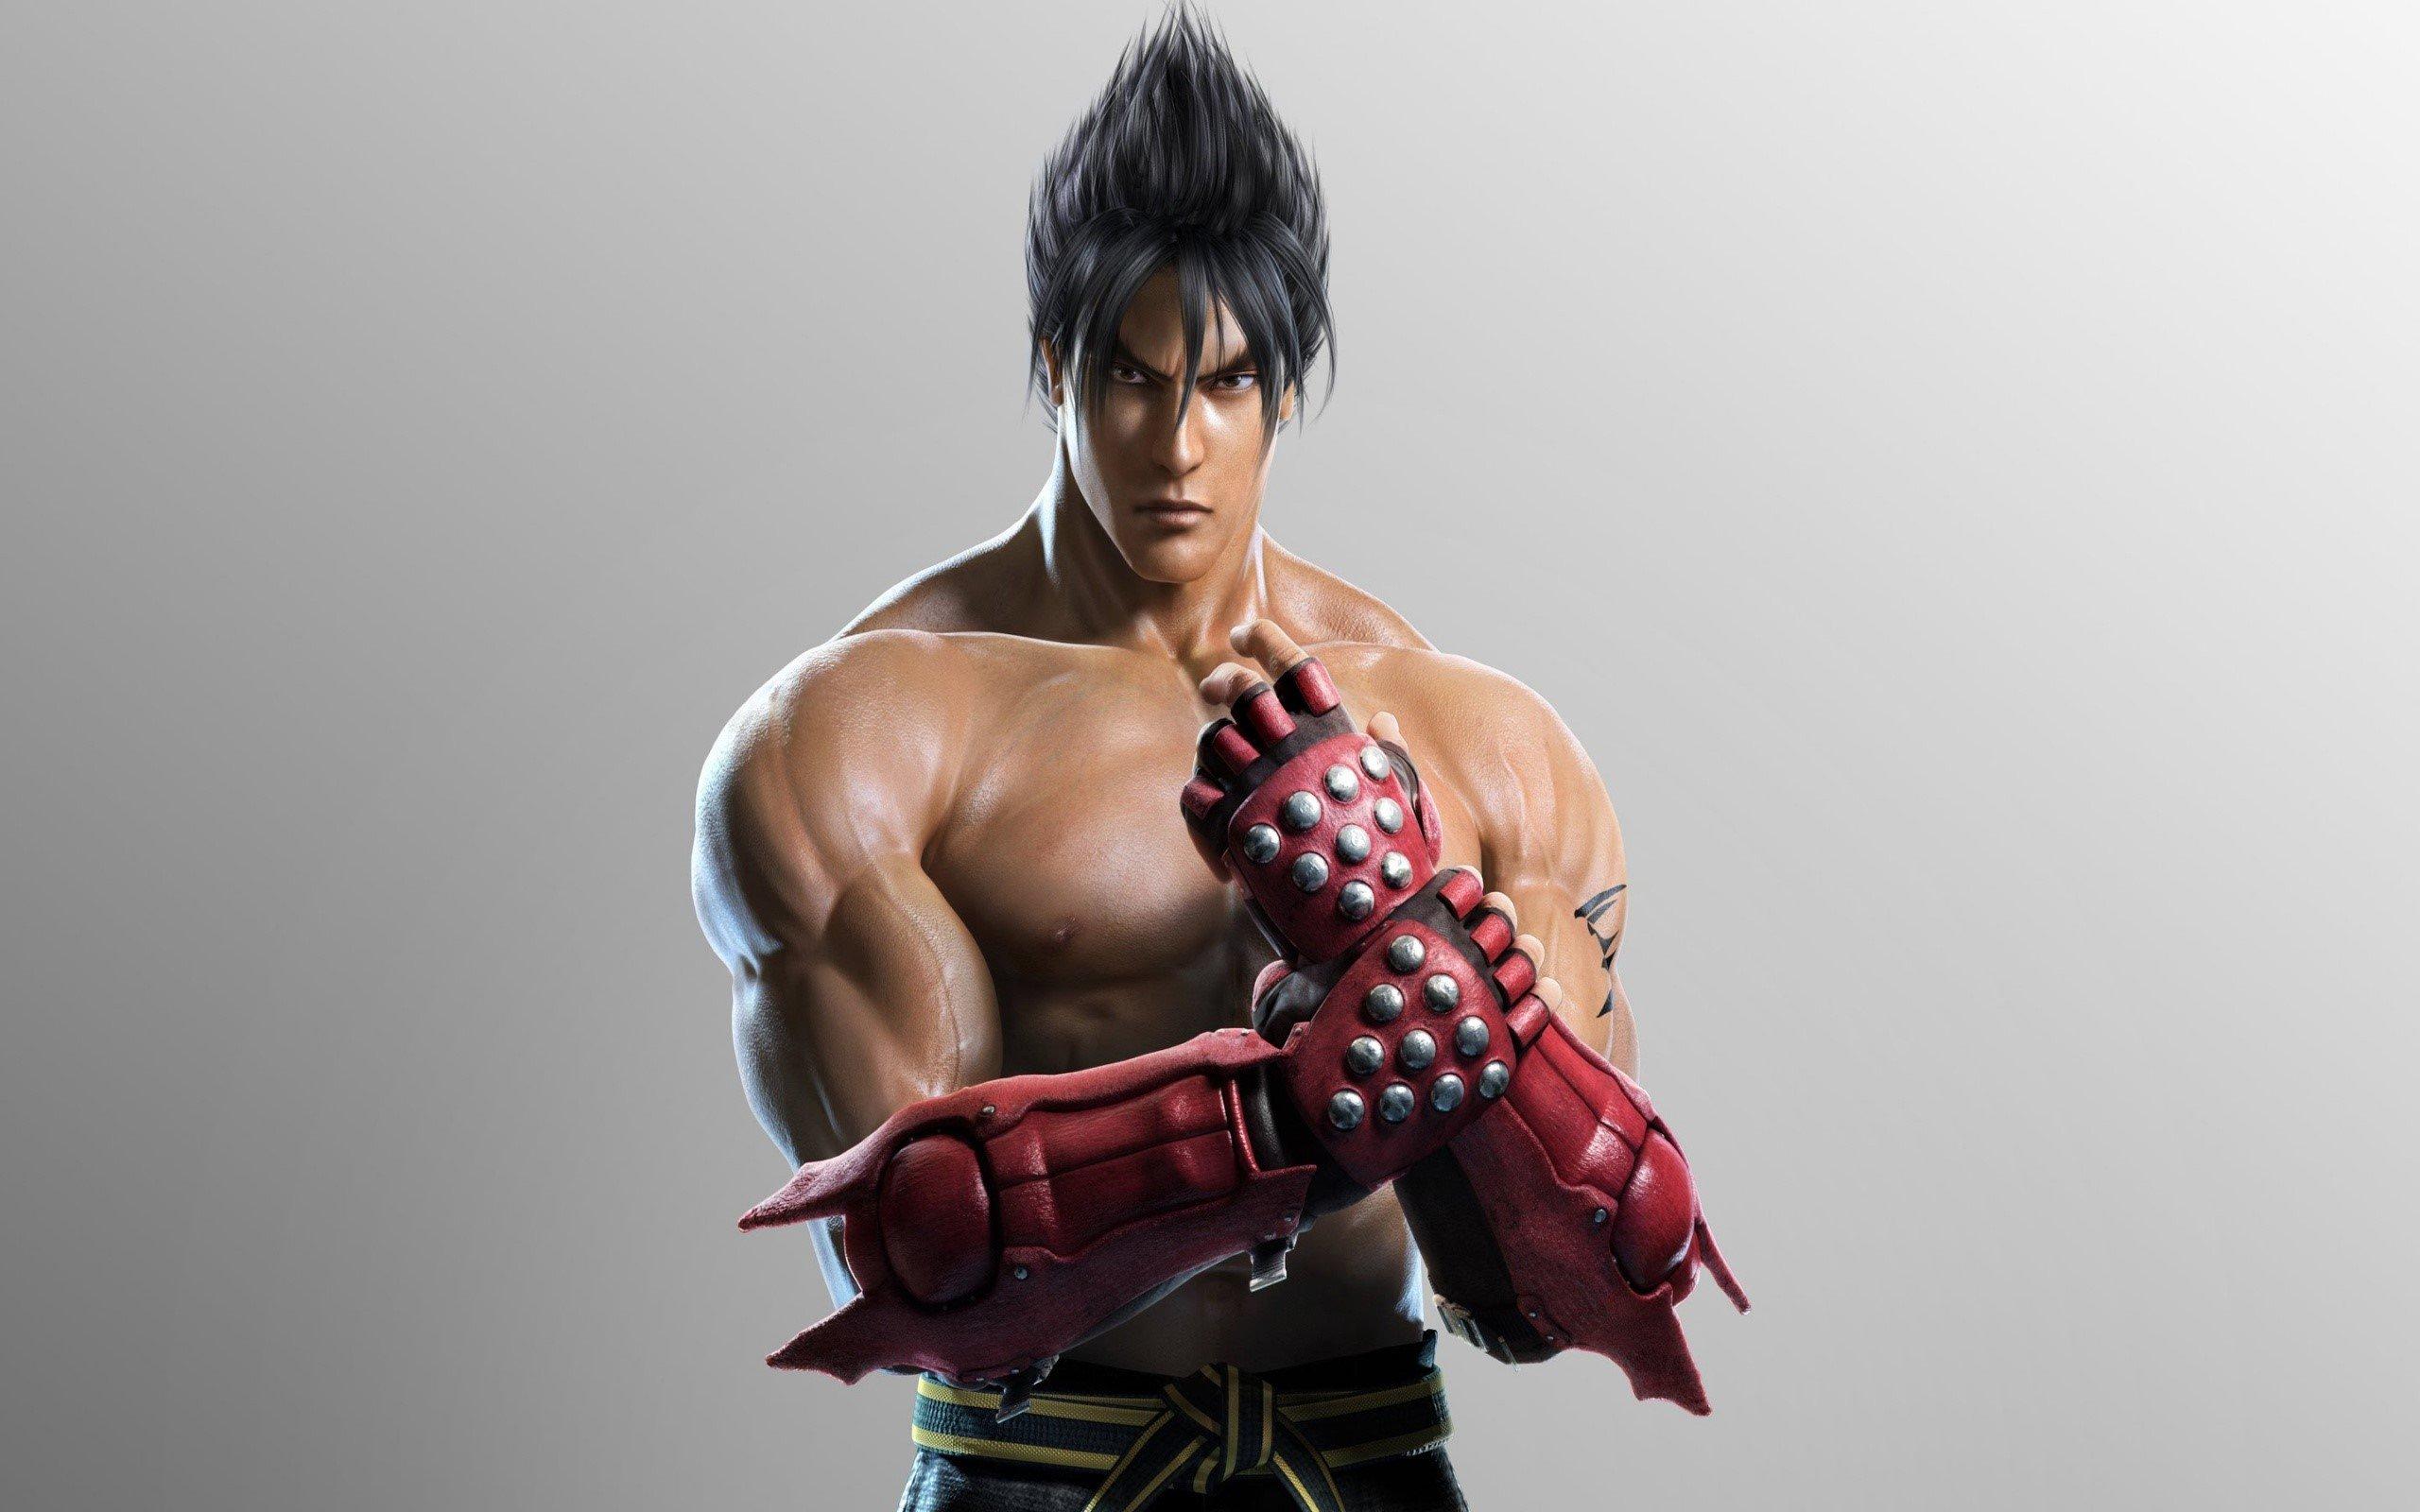 Fondos de pantalla JIn Kazama de Tekken